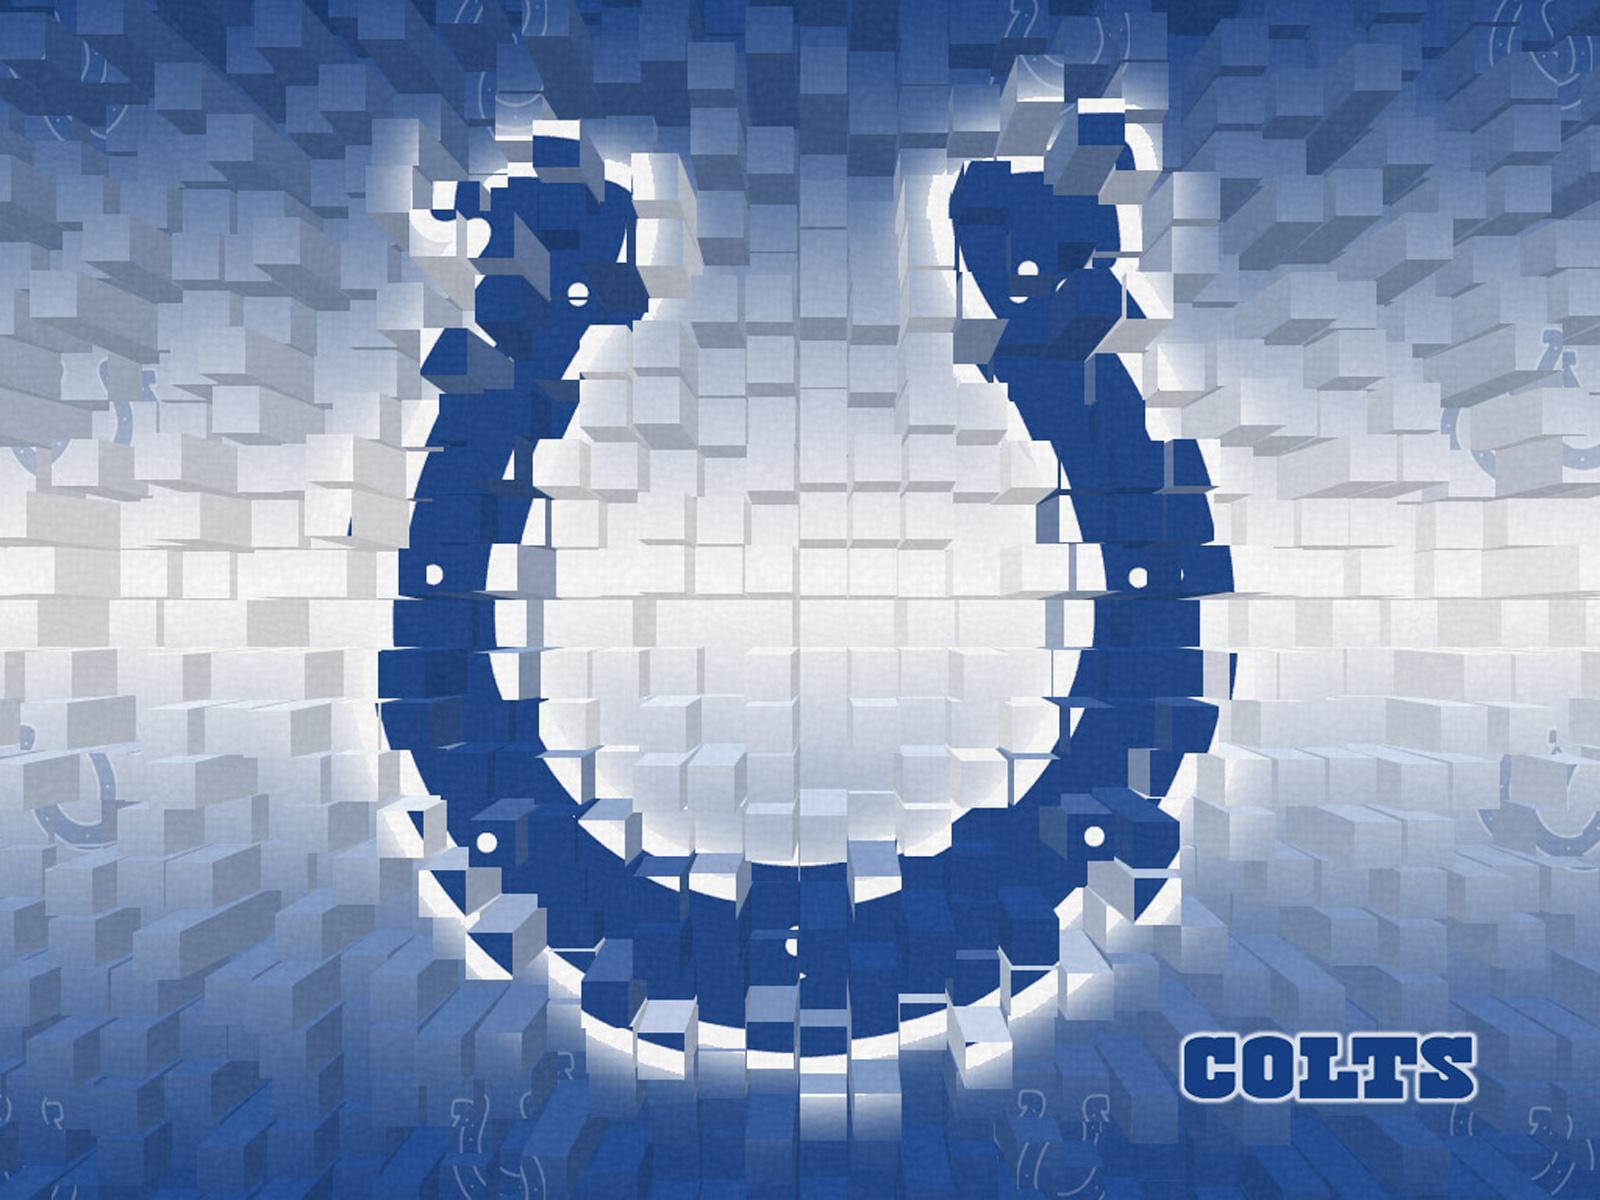 http://2.bp.blogspot.com/_SPY5-z18DBU/TTedThAOuKI/AAAAAAAAAcs/nPafElDBusg/s1600/indianapolis_colts_3d_wallpaper_1600x1200.jpeg